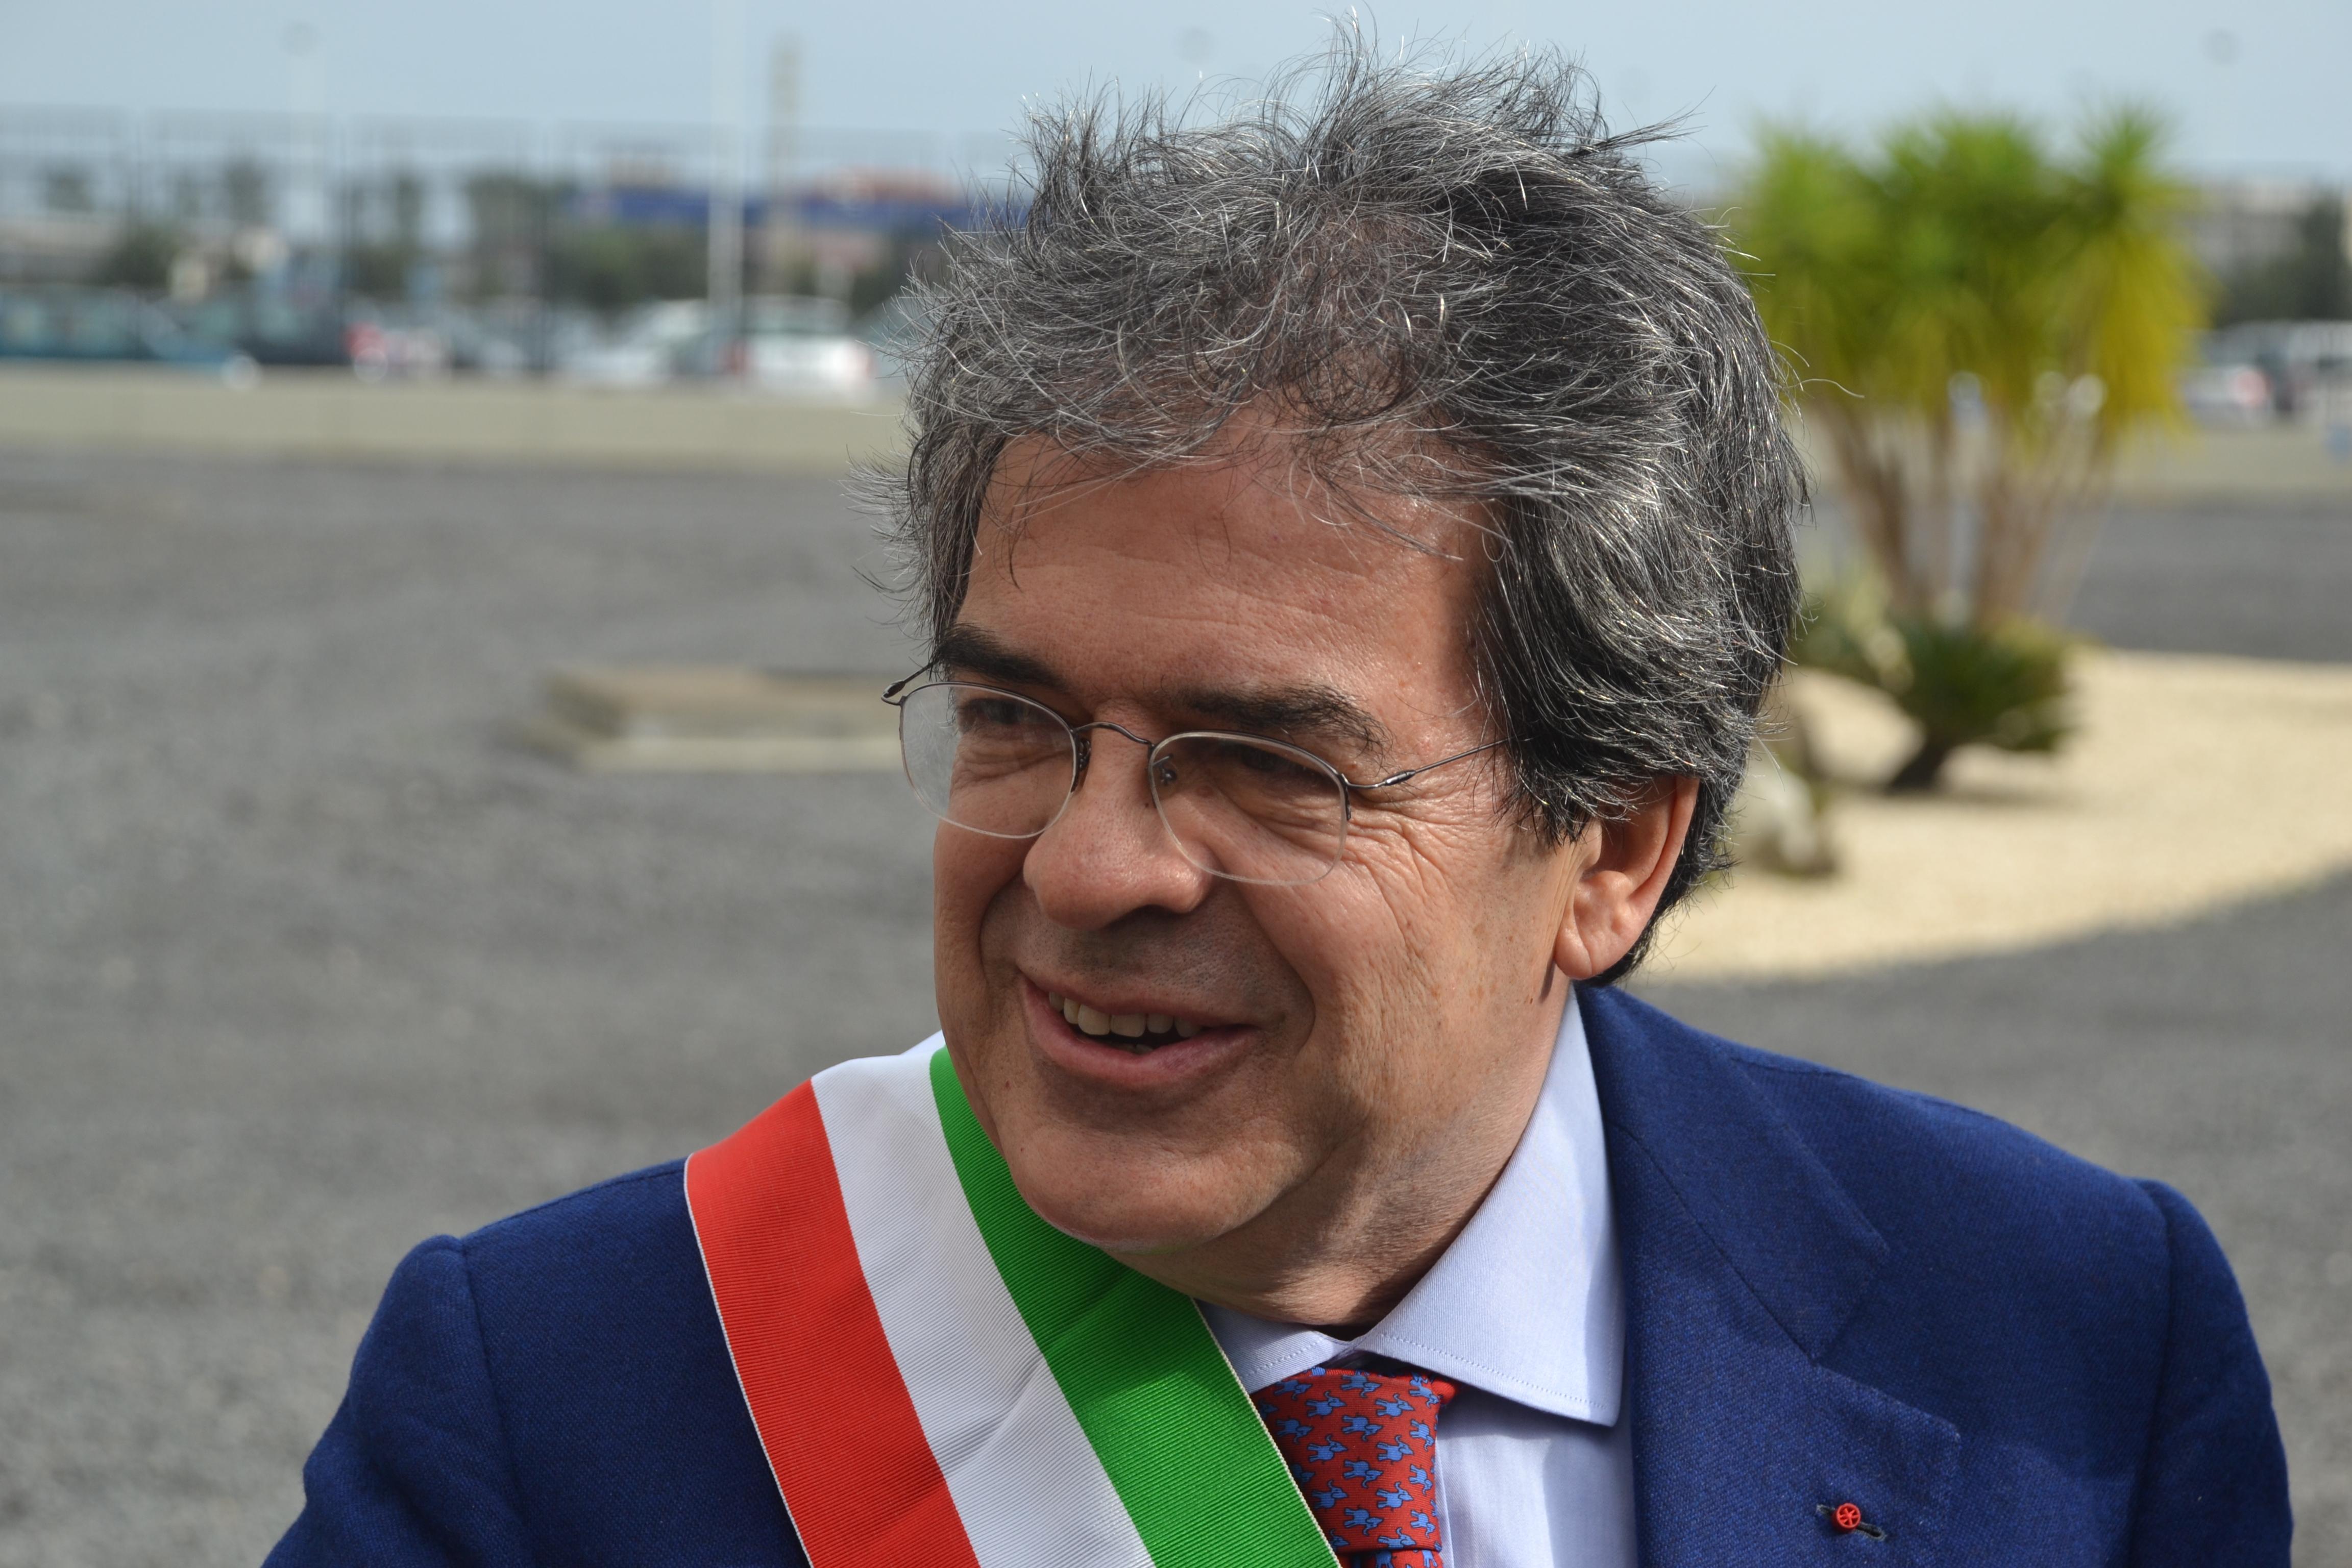 Il dissesto al Comune, 'Catania bene comune': l'Ente si costituisca parte civile